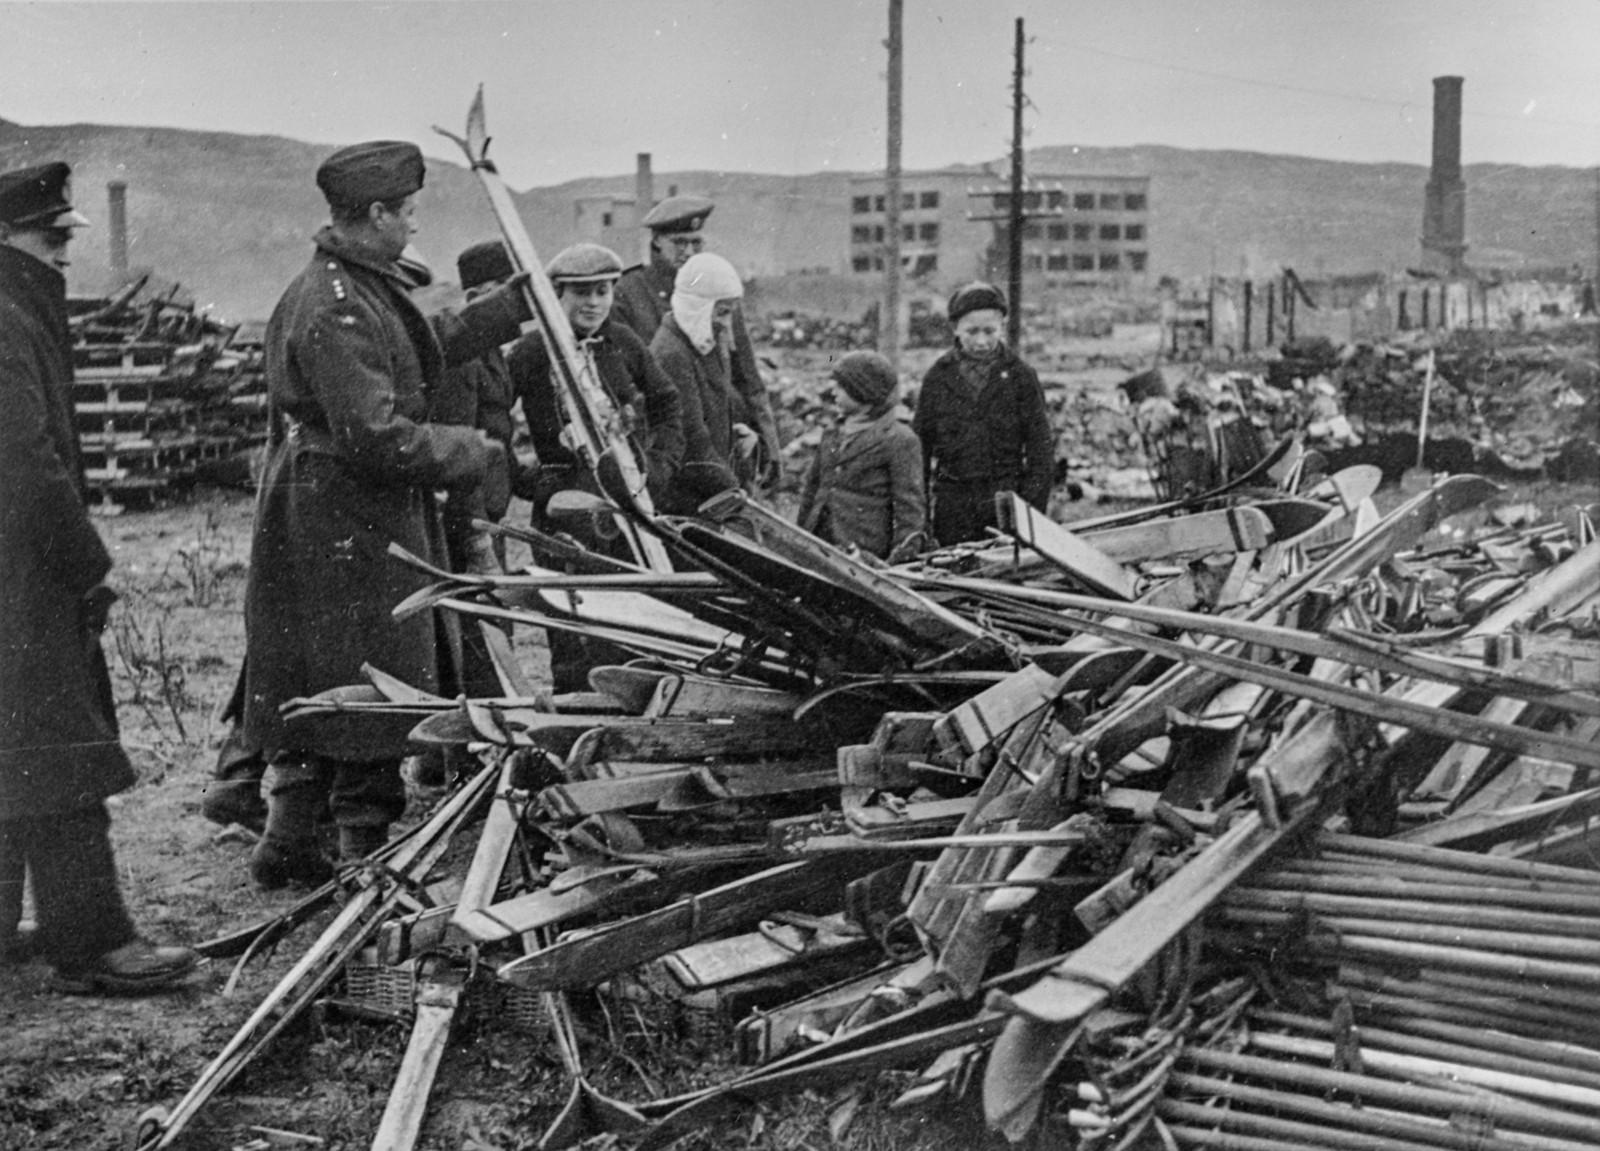 Original bildetekst: Småbyene og fiskeværene i Nord-Norge ligger som ødeleggelsens monumenter over tysk mordpolitikk, med husene i ruiner og skorsteinspipene stikkende opp mot himlen. I Kirkenes var ødeleggelsen nesten total, bare 28 hus sto tilbake. I Vadsø var 65-70% av byen ødelagt og i Vardø 85%. Innover Varangerfjorden til Vest-Tana er det nesten intet igjen. - Dette lager av ski som sees på bildet rakk tyskerne imidlertid ikke hverken å få ødelagt eller å få med seg. Utstyret studeres av norske offiserer for å bringe på det rene om det kan tas i bruk av troppene.